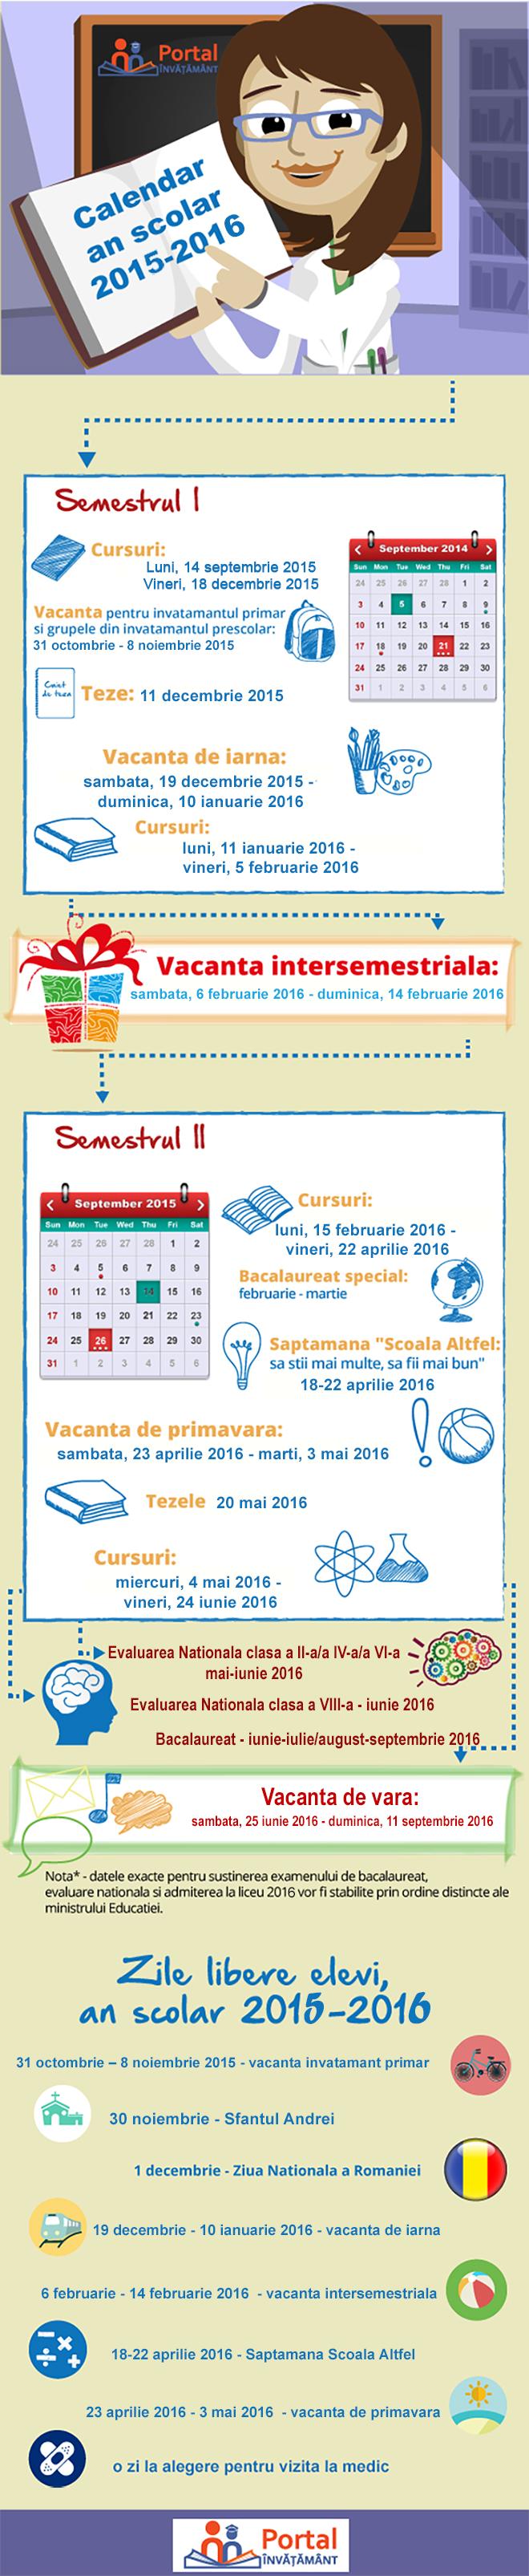 Structura anului scolar 2015-2016 si calendarul vacantelor